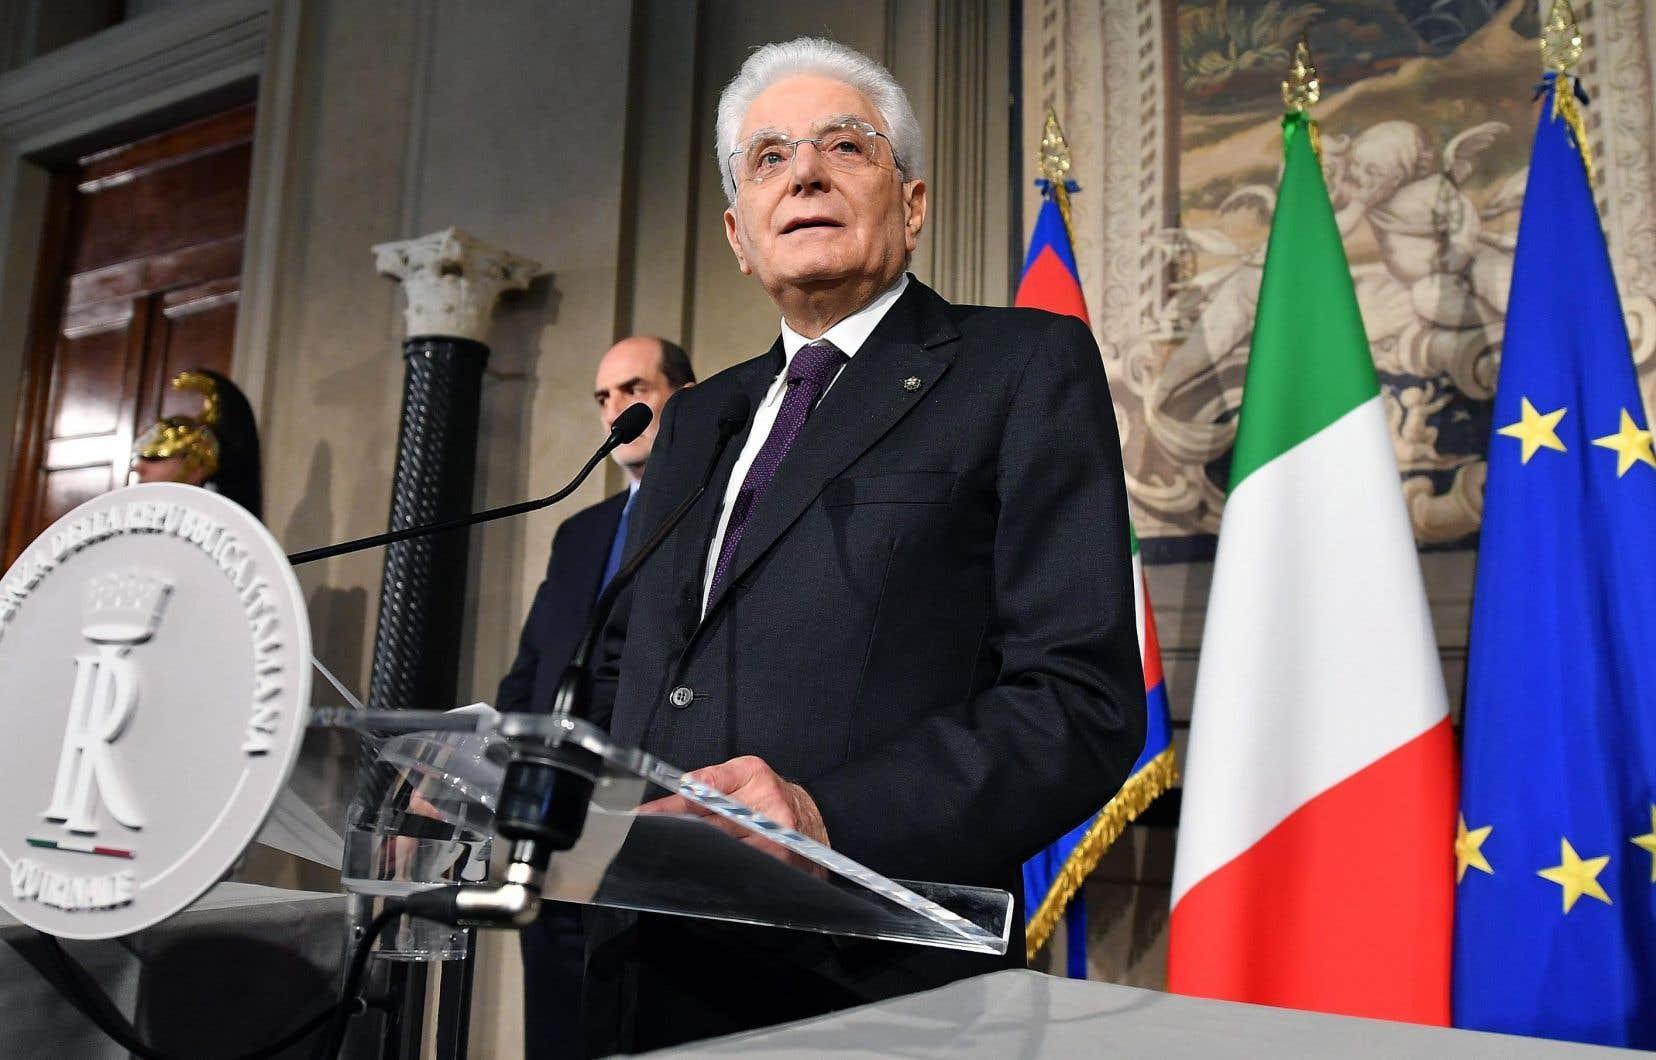 Le président Mattarella s'est adressé aux journalistes à la sortie des négociations avec les partis politiques, lundi, à Rome.